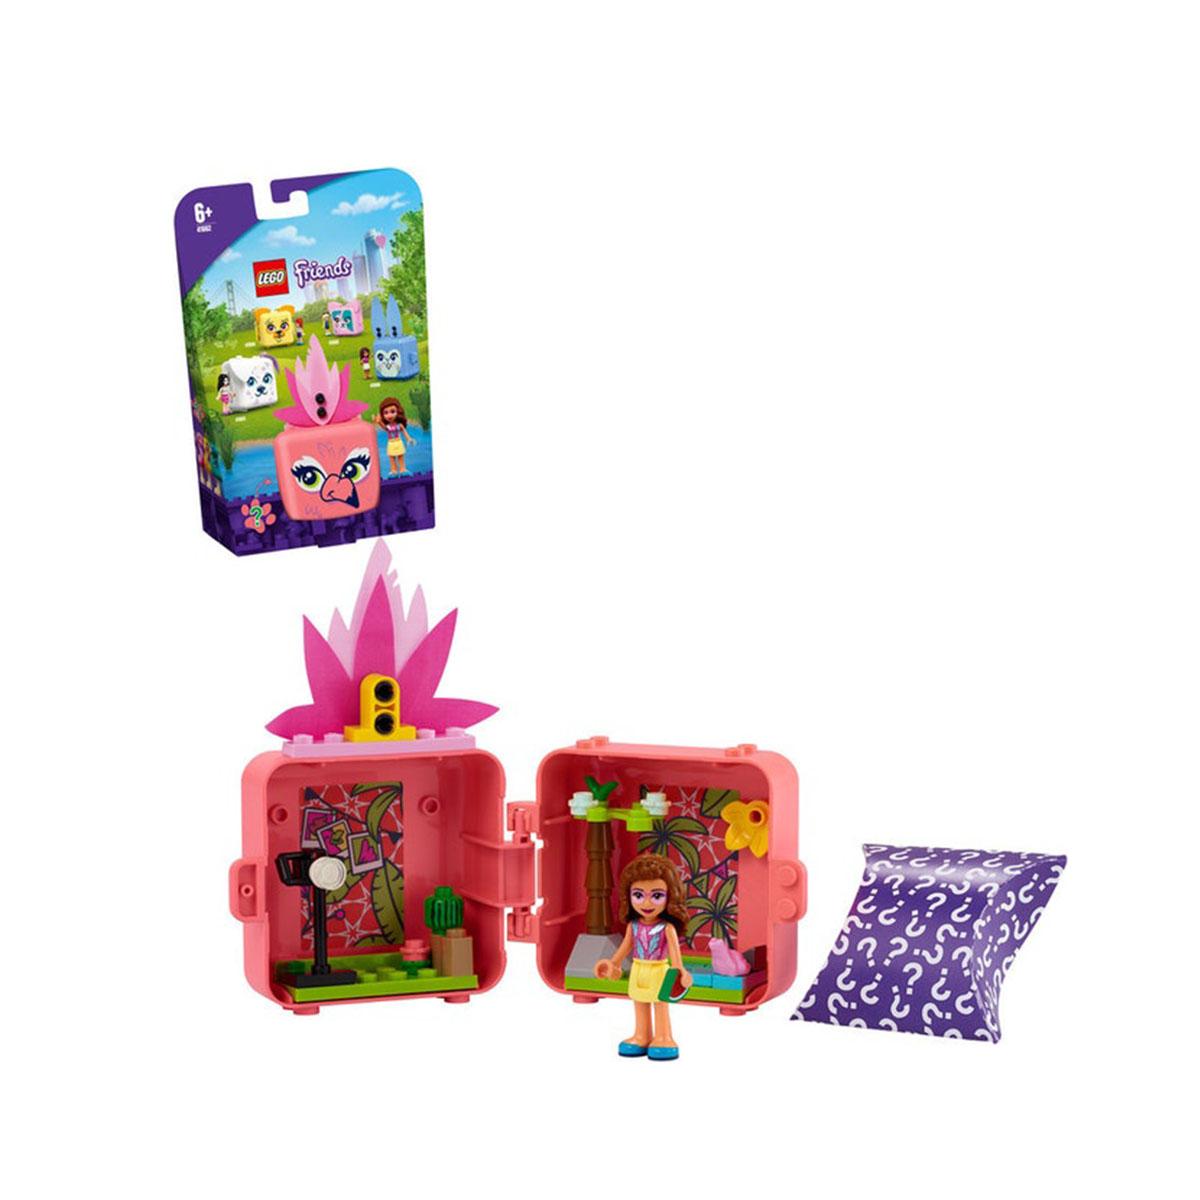 ლეგოს კუბიკები Olivia's Flamingo Cube LEGO 188013